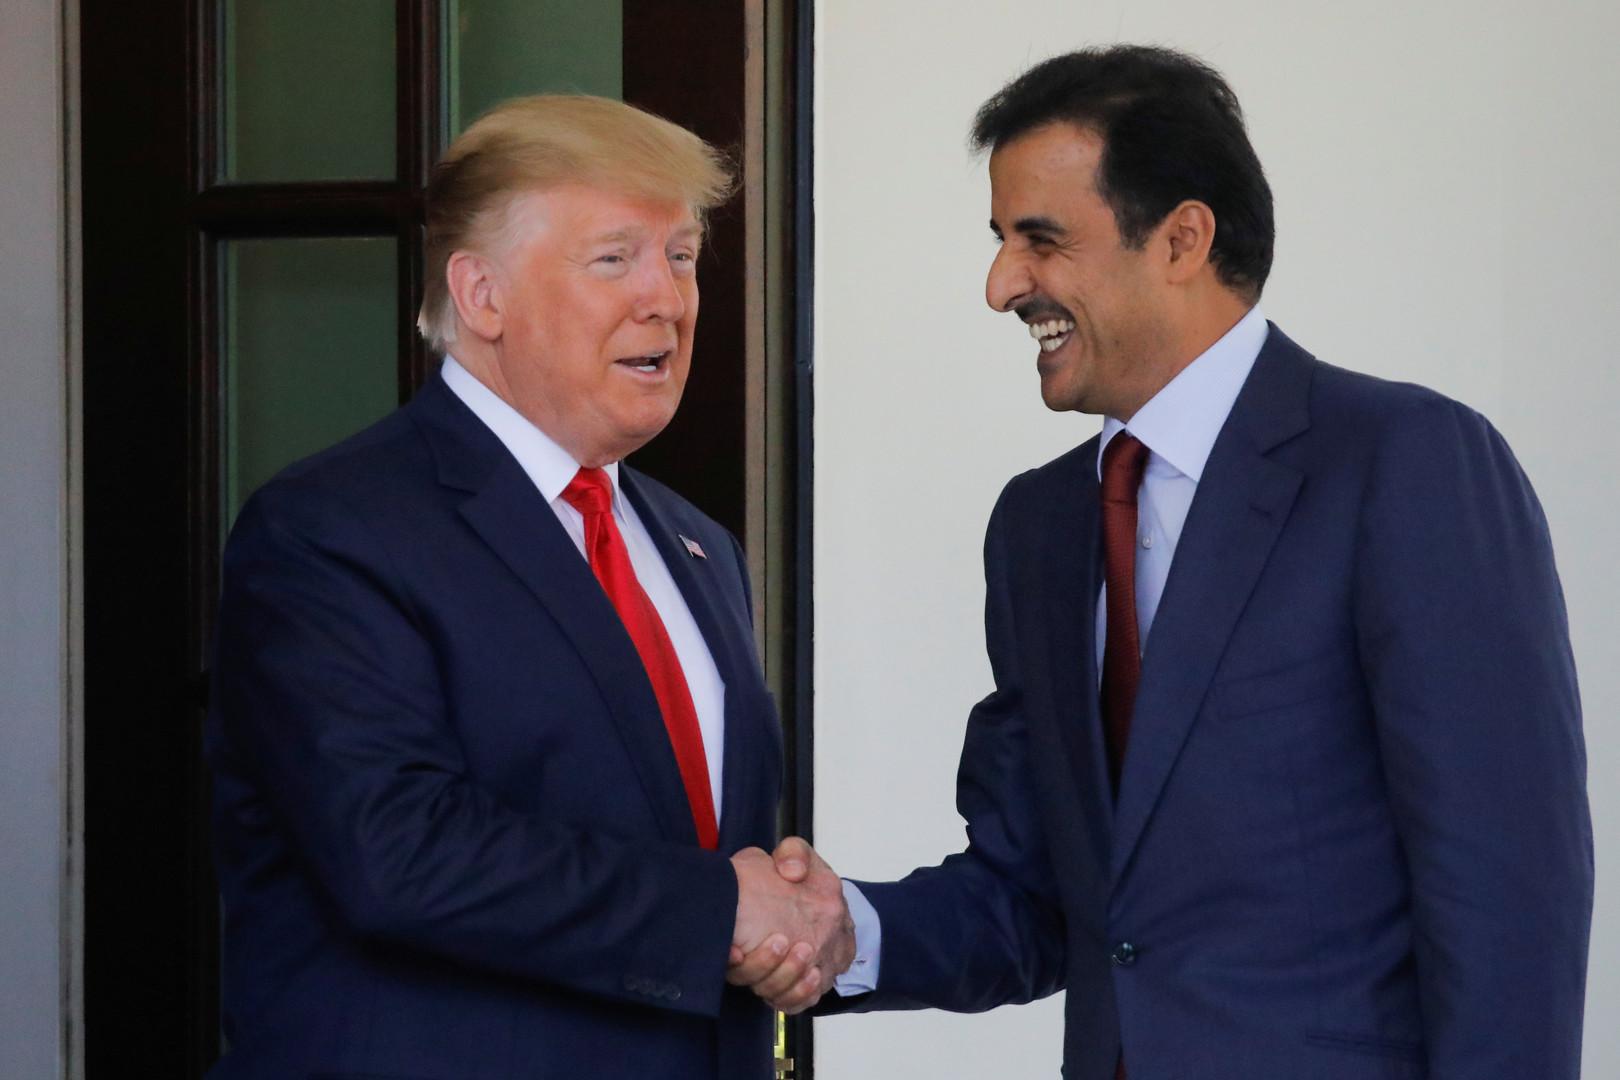 ترامب: قطر صديق حميم للولايات المتحدة